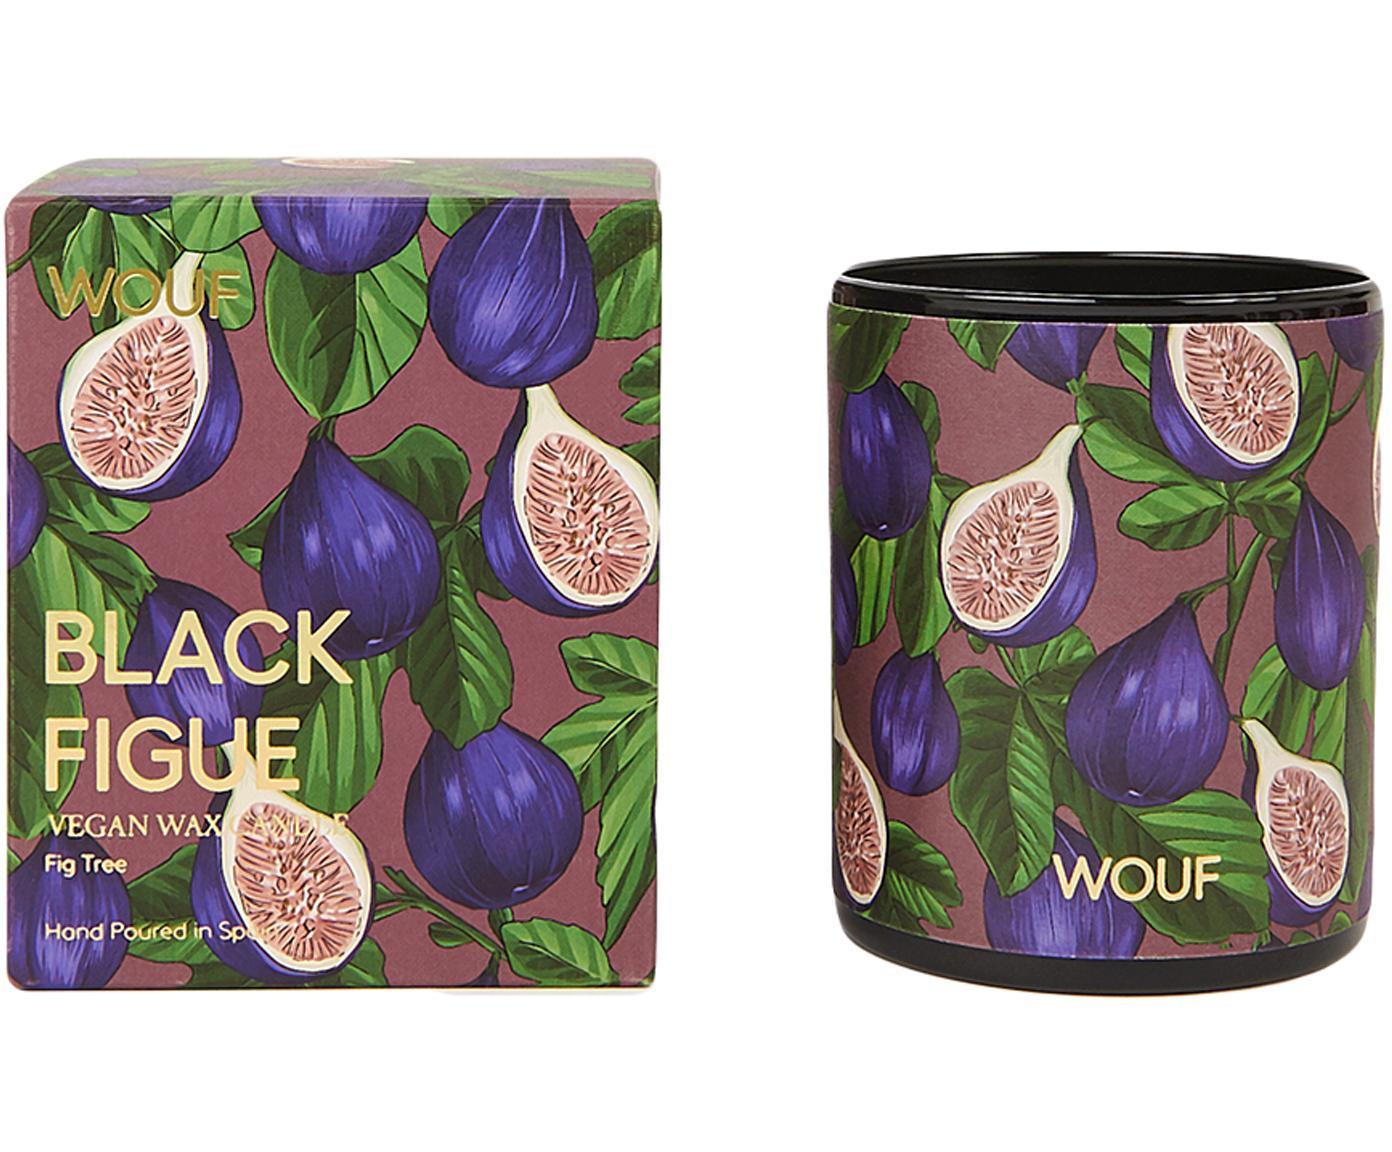 Duftkerze Black Figue (Feigenbaum), Vegetarisches Wachs, Glas, Lila, Mehrfarbig, Ø 8 x H 10 cm